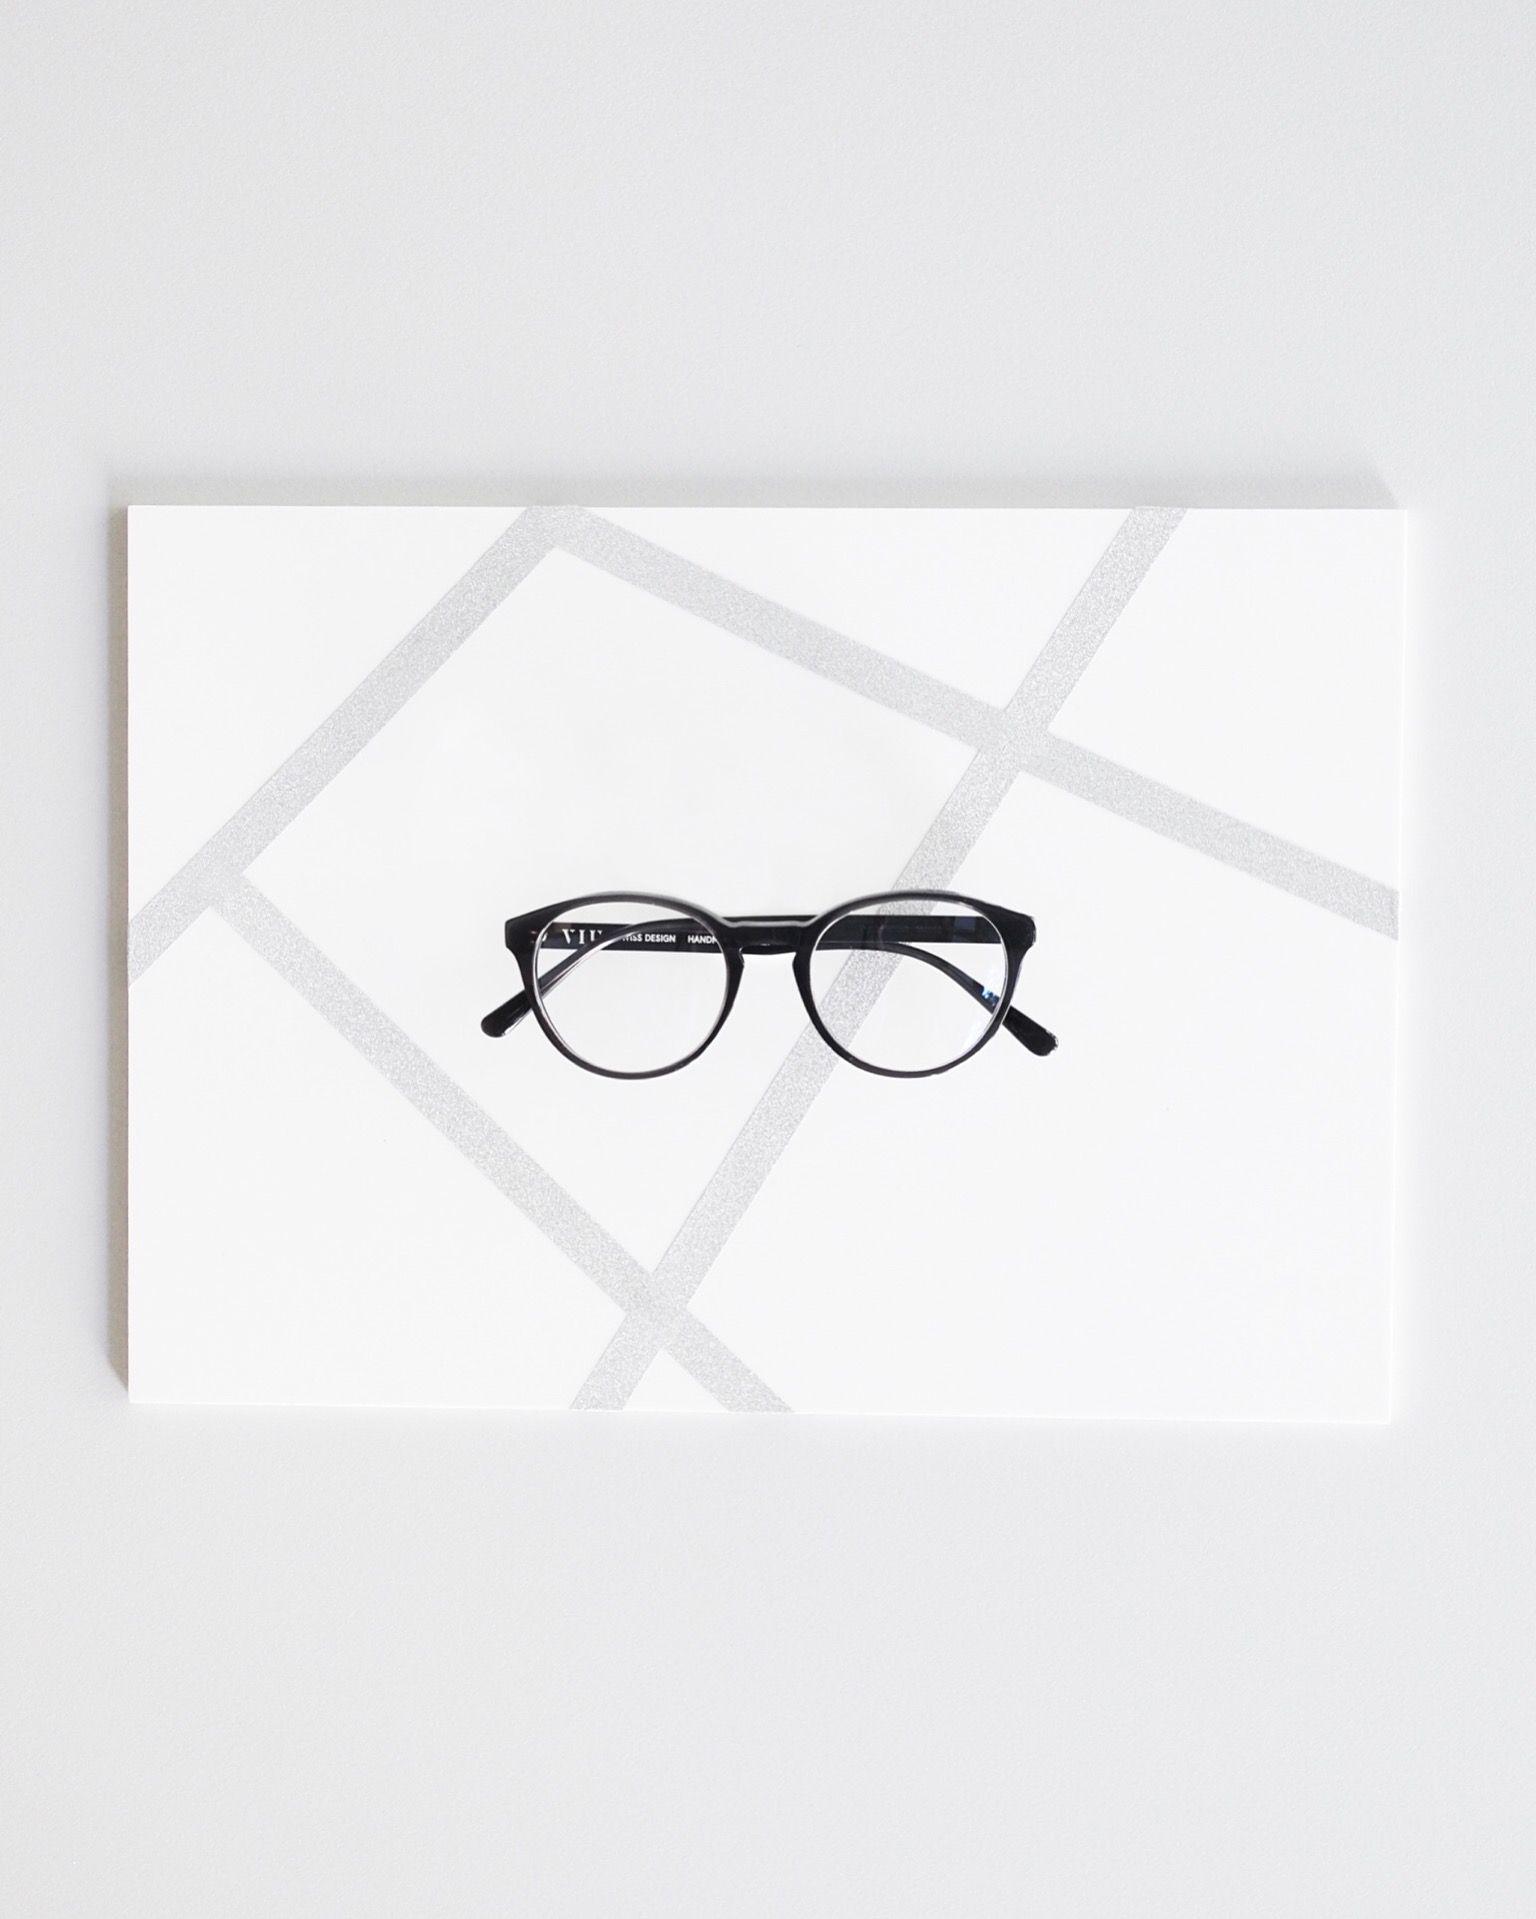 Ungewöhnlich Rundbrillenrahmen Schildpatt Zeitgenössisch - Rahmen ...